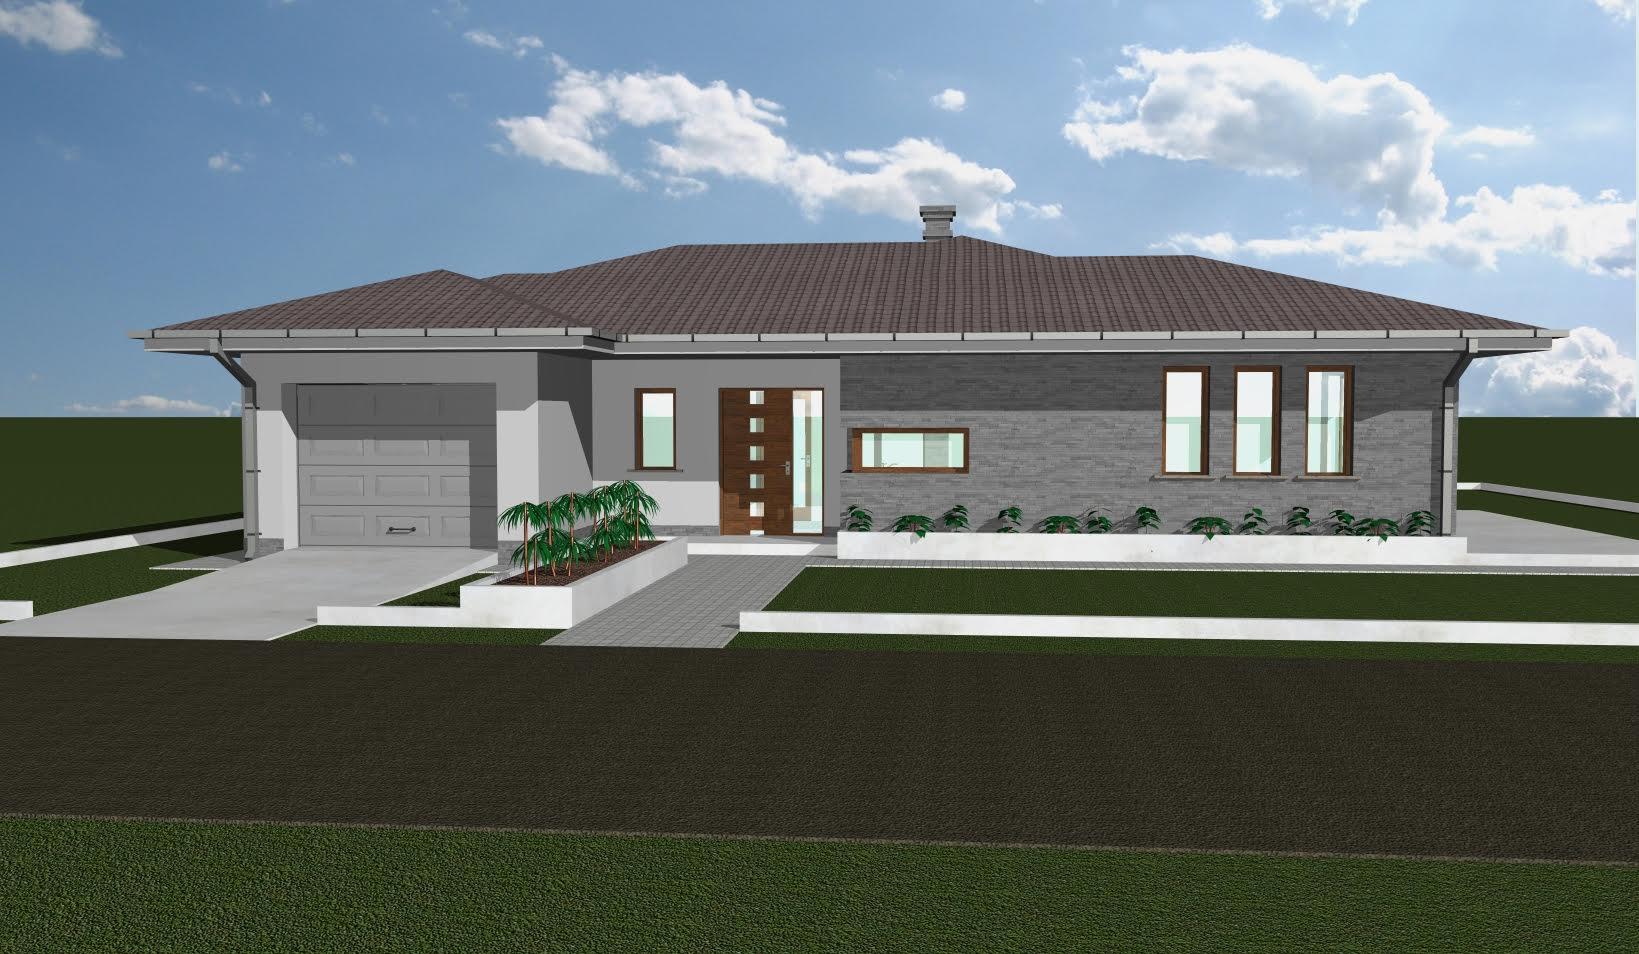 Új családi ház építése Generálkivitelezés Pápa épitőipari cégek Pápa